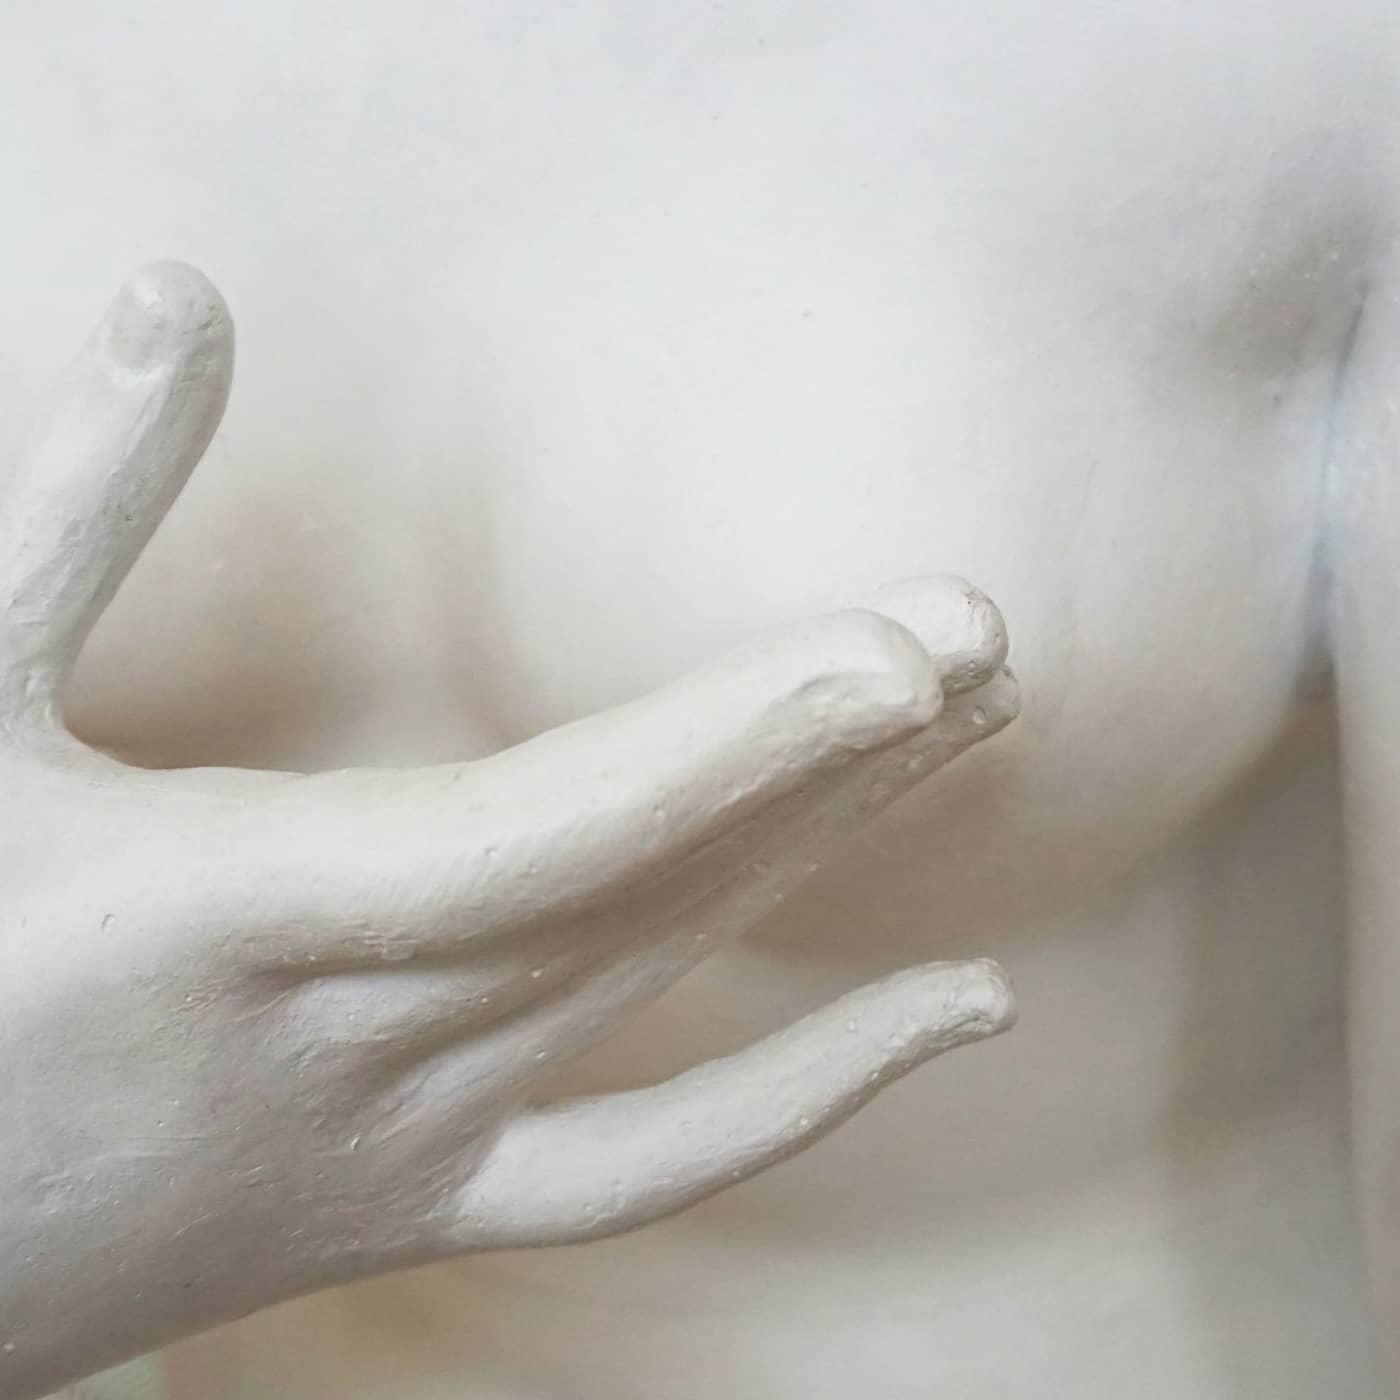 Bröstförstoringen botade min anorexi